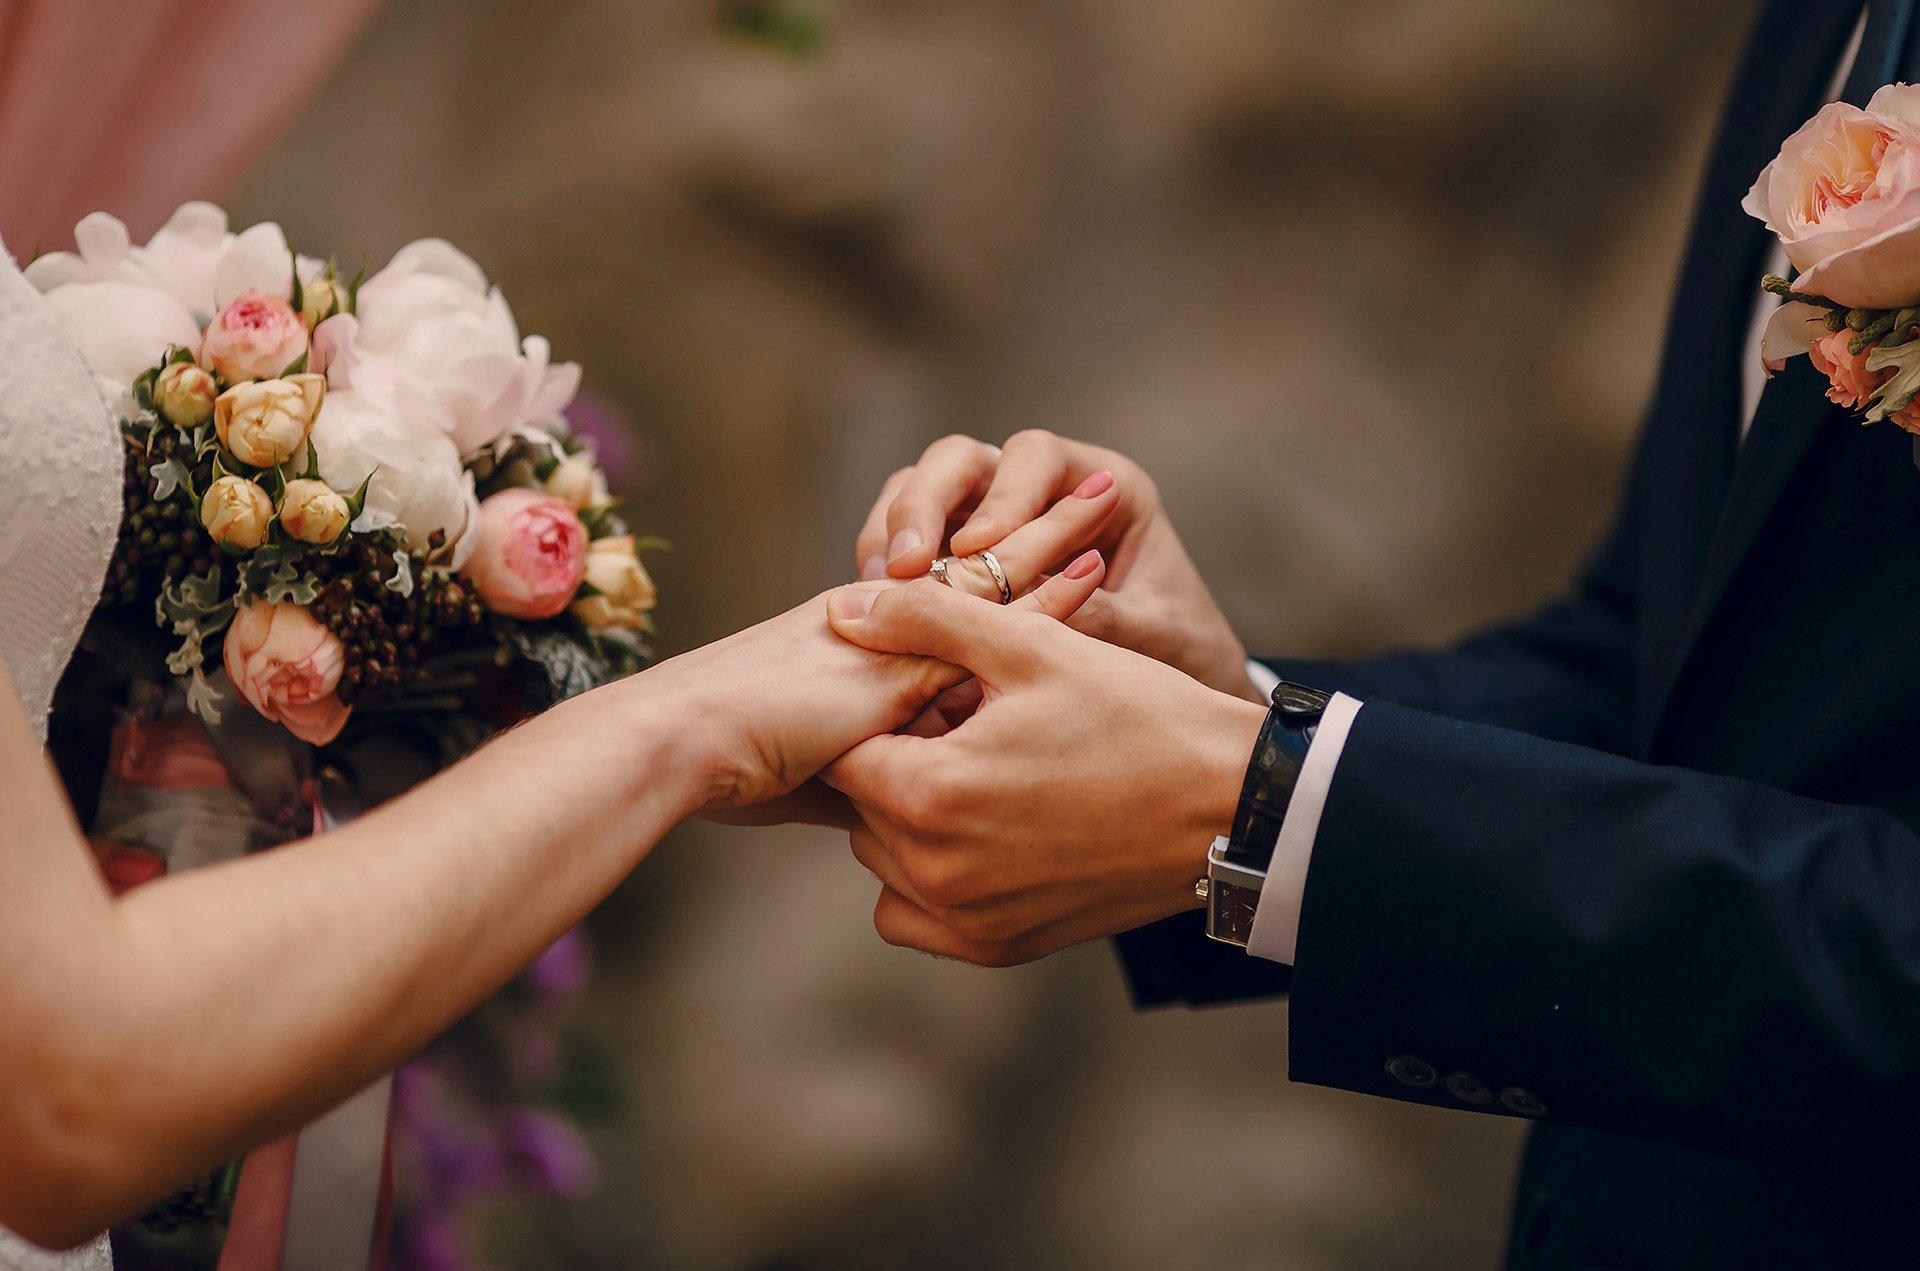 Family & Matrimonial Transfers